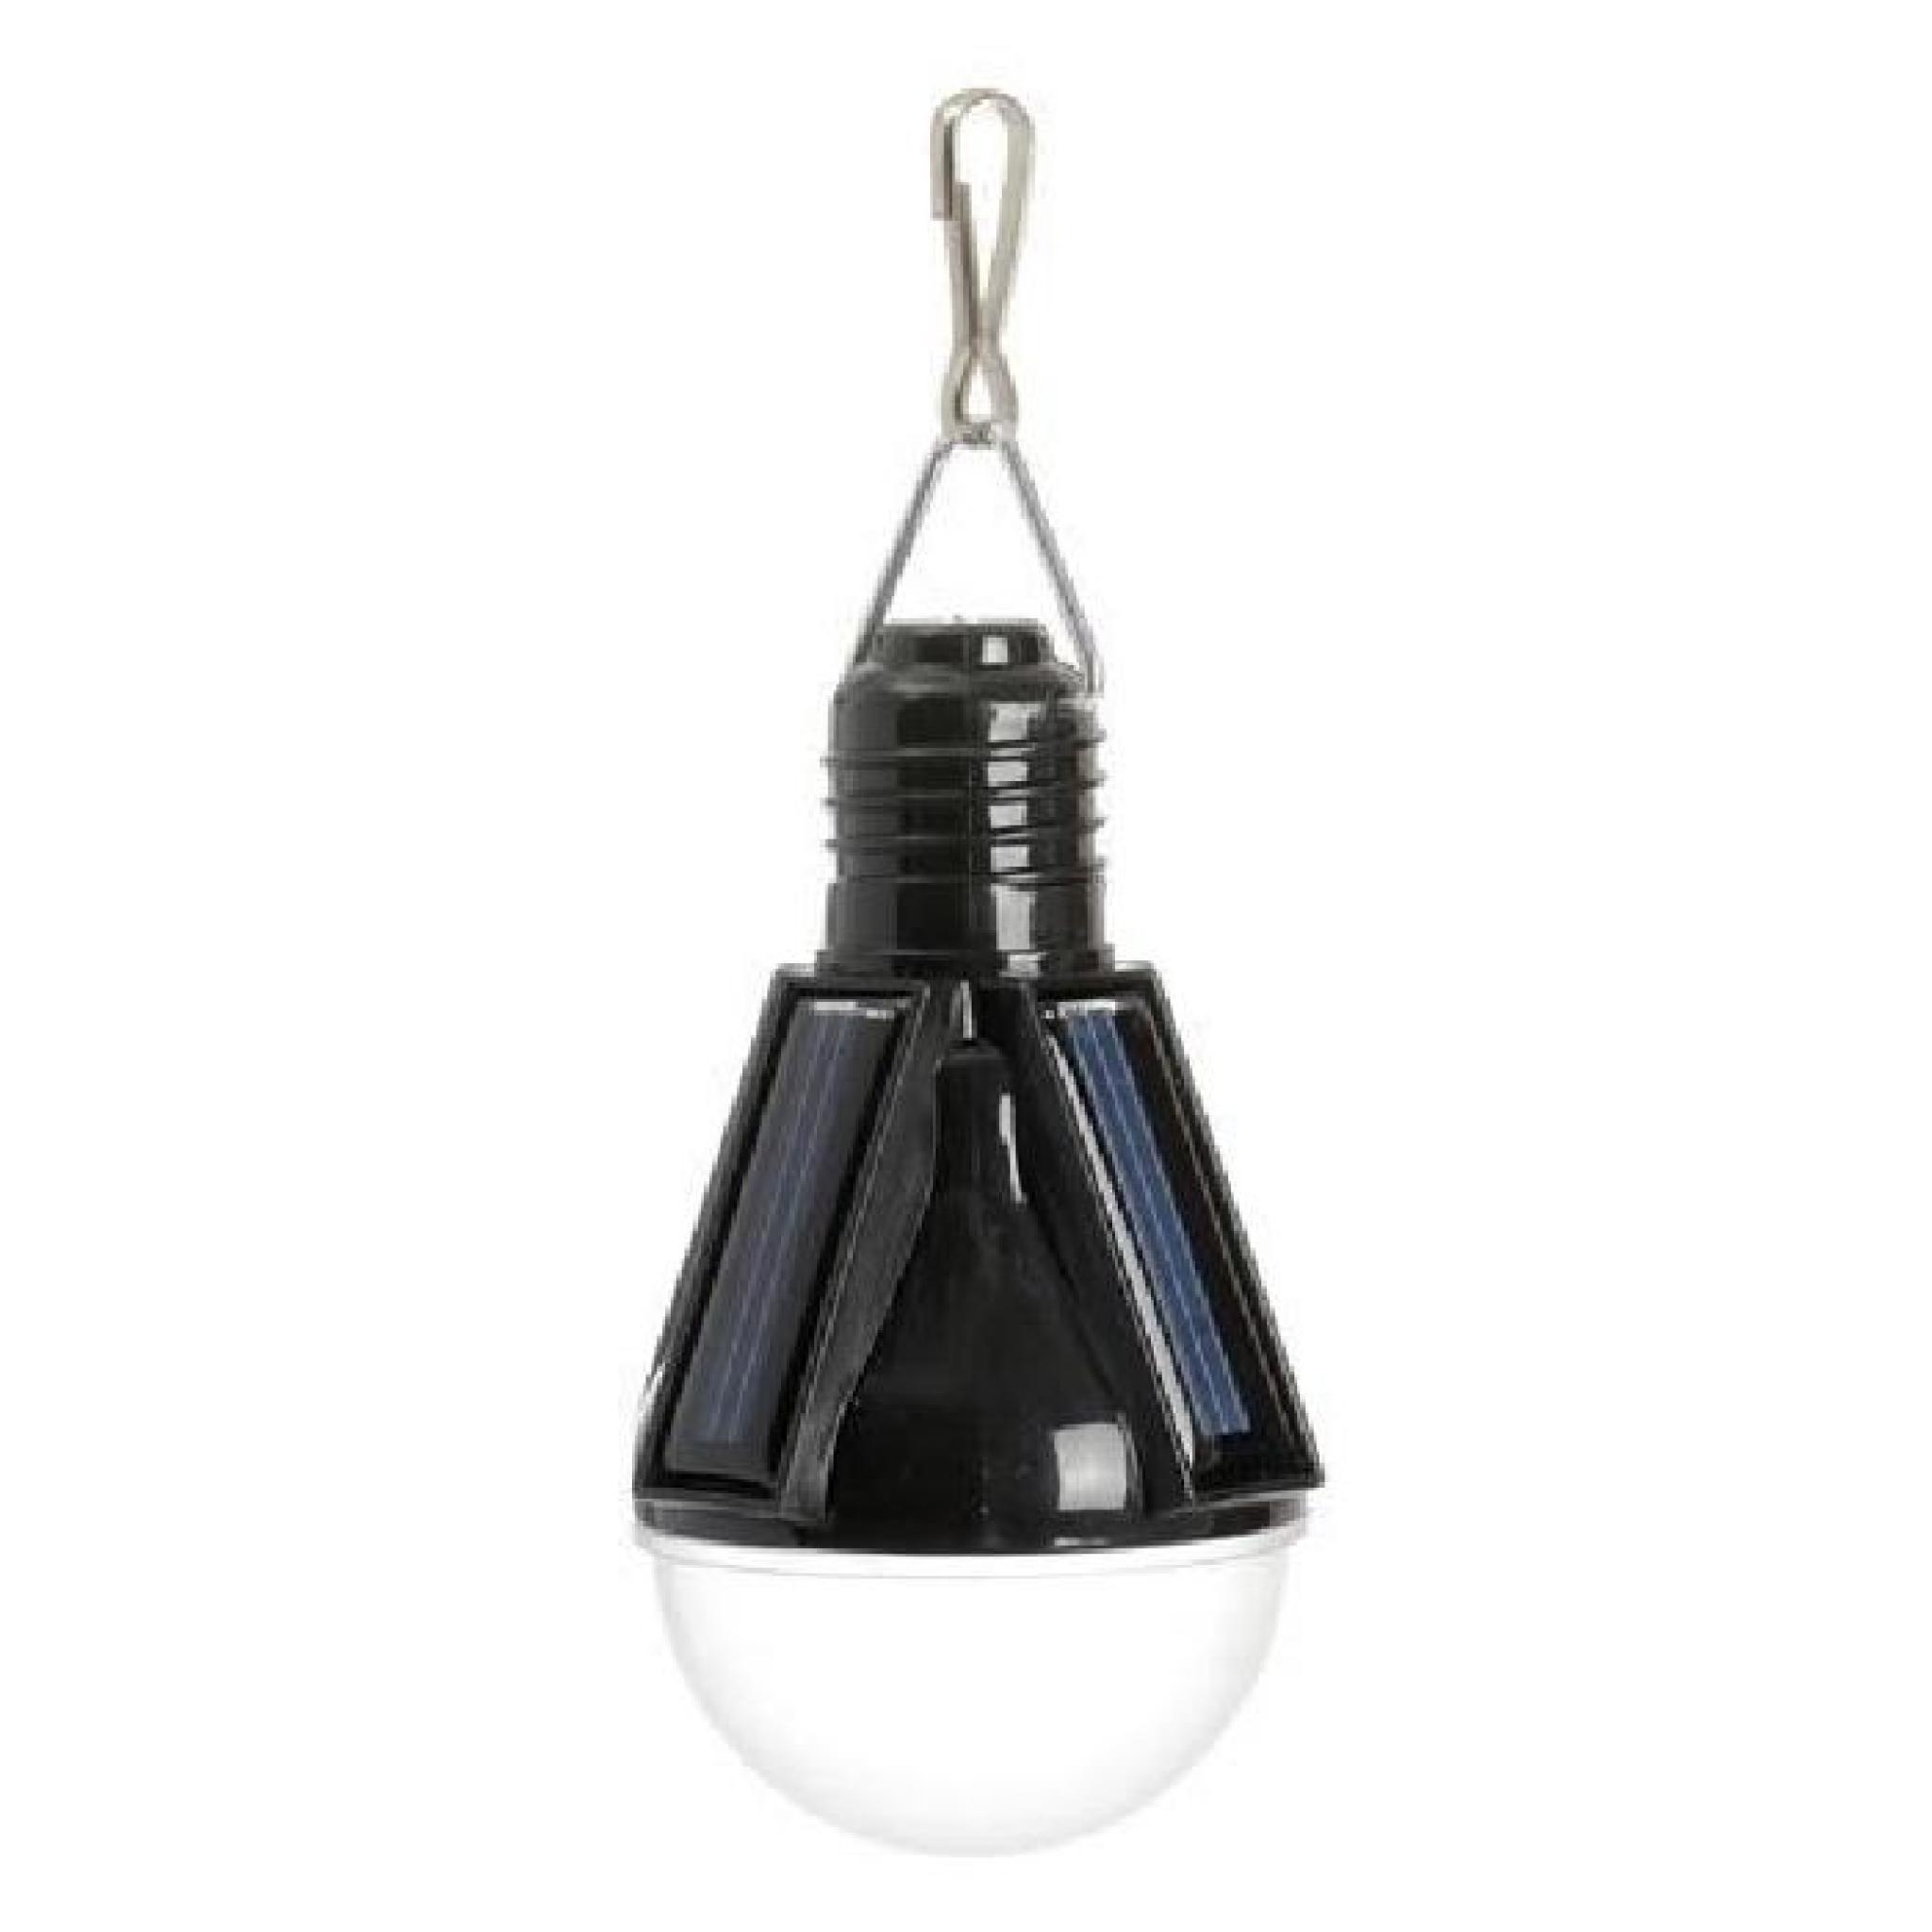 lampe solaire suspendre ampoule rouge achat vente lampe solaire jardin pas cher. Black Bedroom Furniture Sets. Home Design Ideas